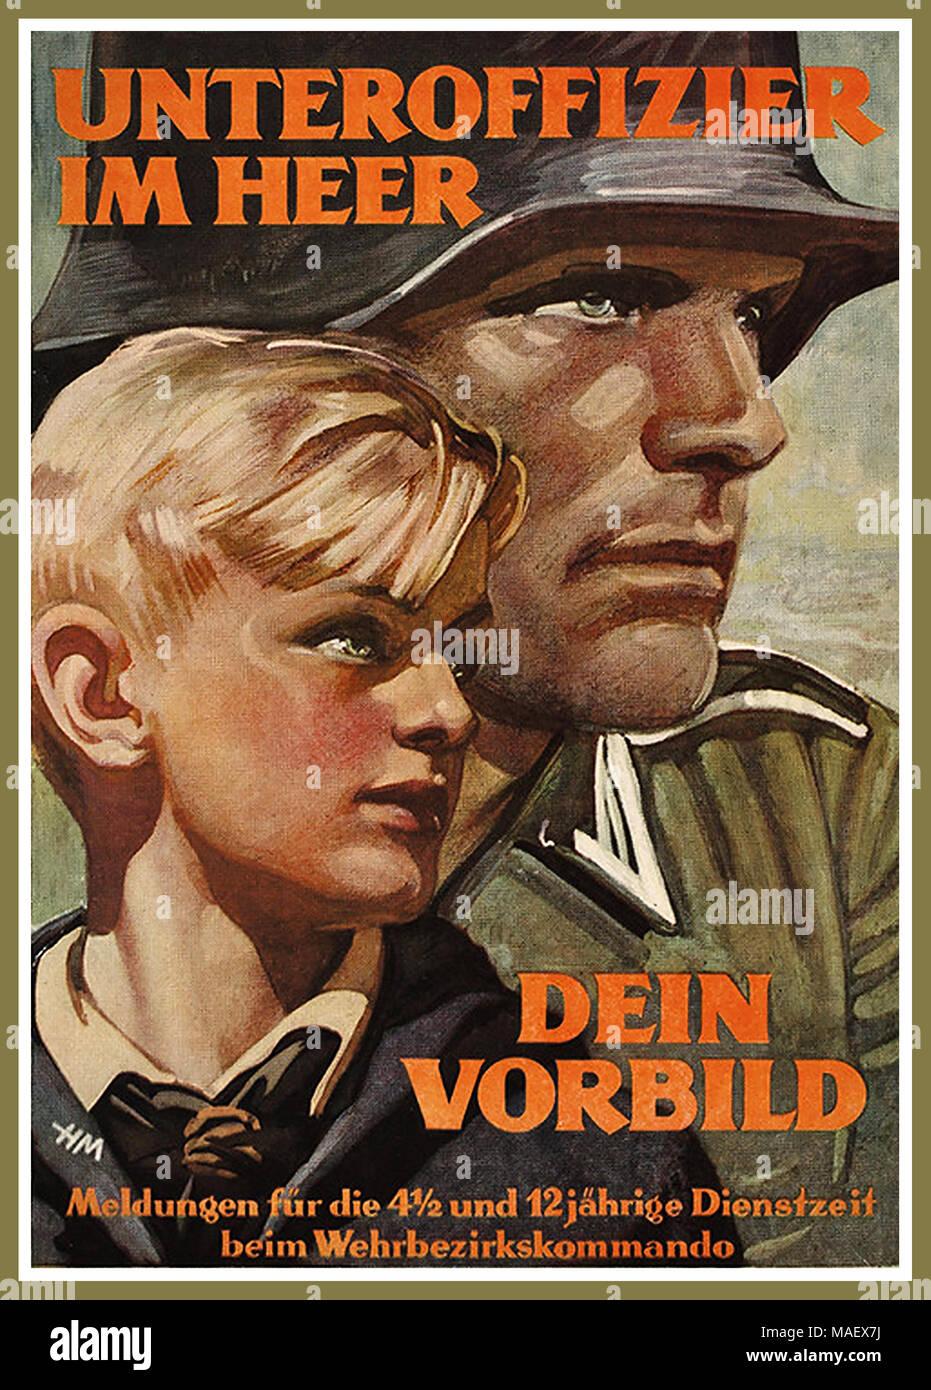 """WW 2 NS-Propaganda Poster für Hitler Jugend 1943"""" ein Non-Commissioned Officer in der Armee sein. Seinem Beispiel folgen"""". . 'Meldung zu unserem Hitler Jugend zwischen 4 und 12 Jahren im Alter von Stockbild"""